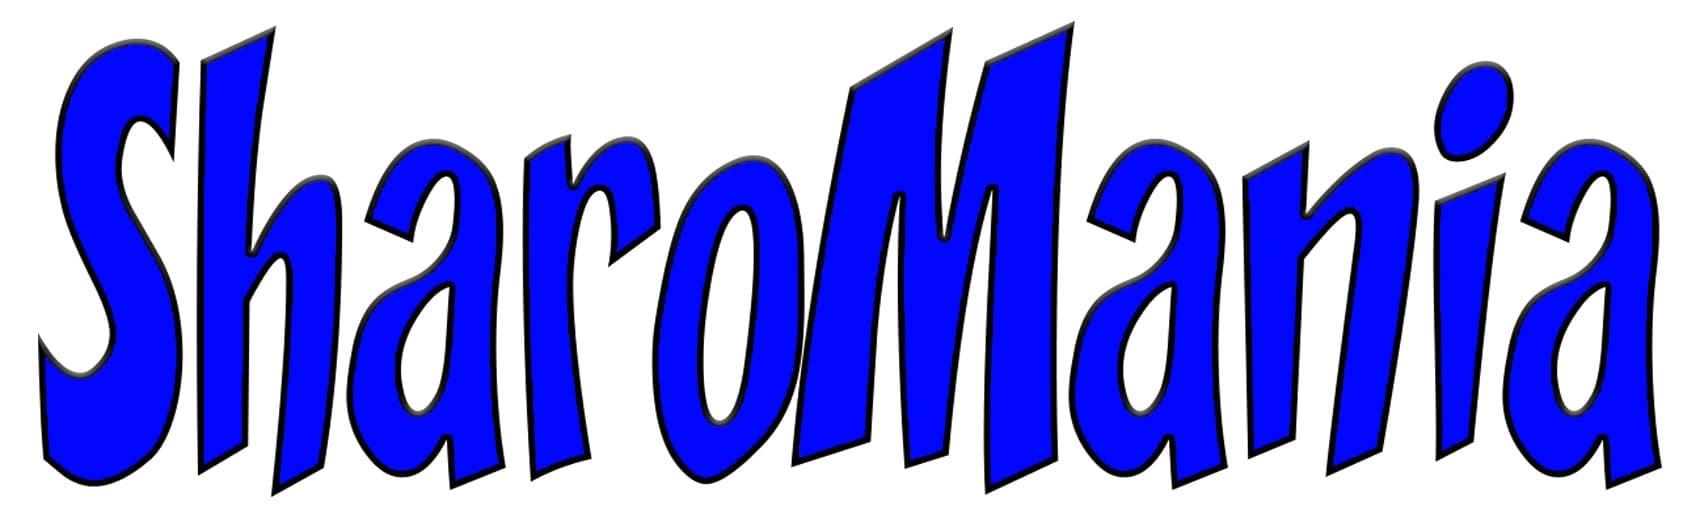 ШароМания24-Срочная доставка шаров Авиамоторная, Лефортово, Москва и МО